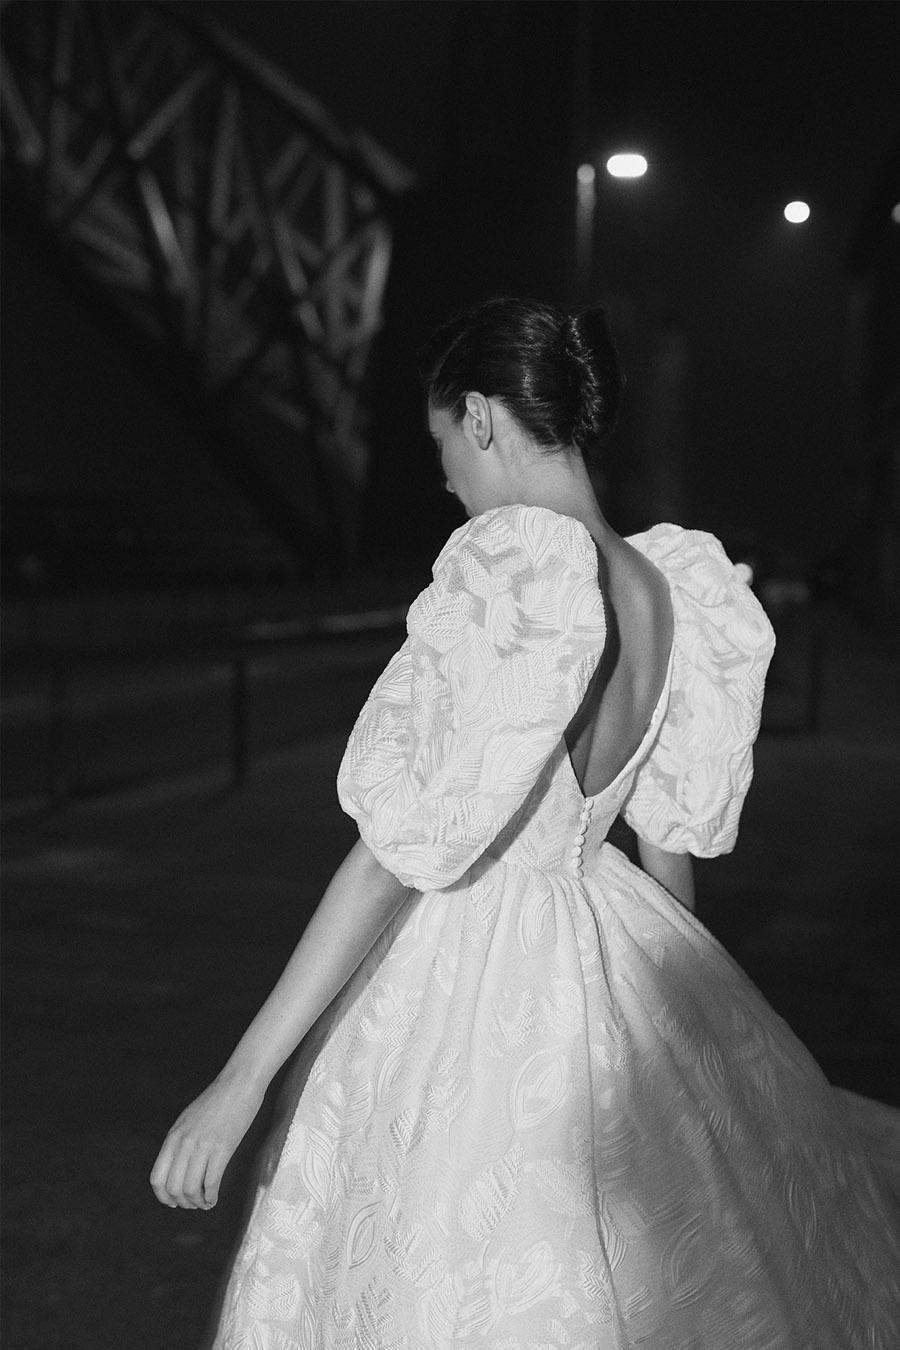 MAJESTIC, NUEVA COLECCIÓN NOVIA 2020 DE BOÜRET novia-bouret-majestic